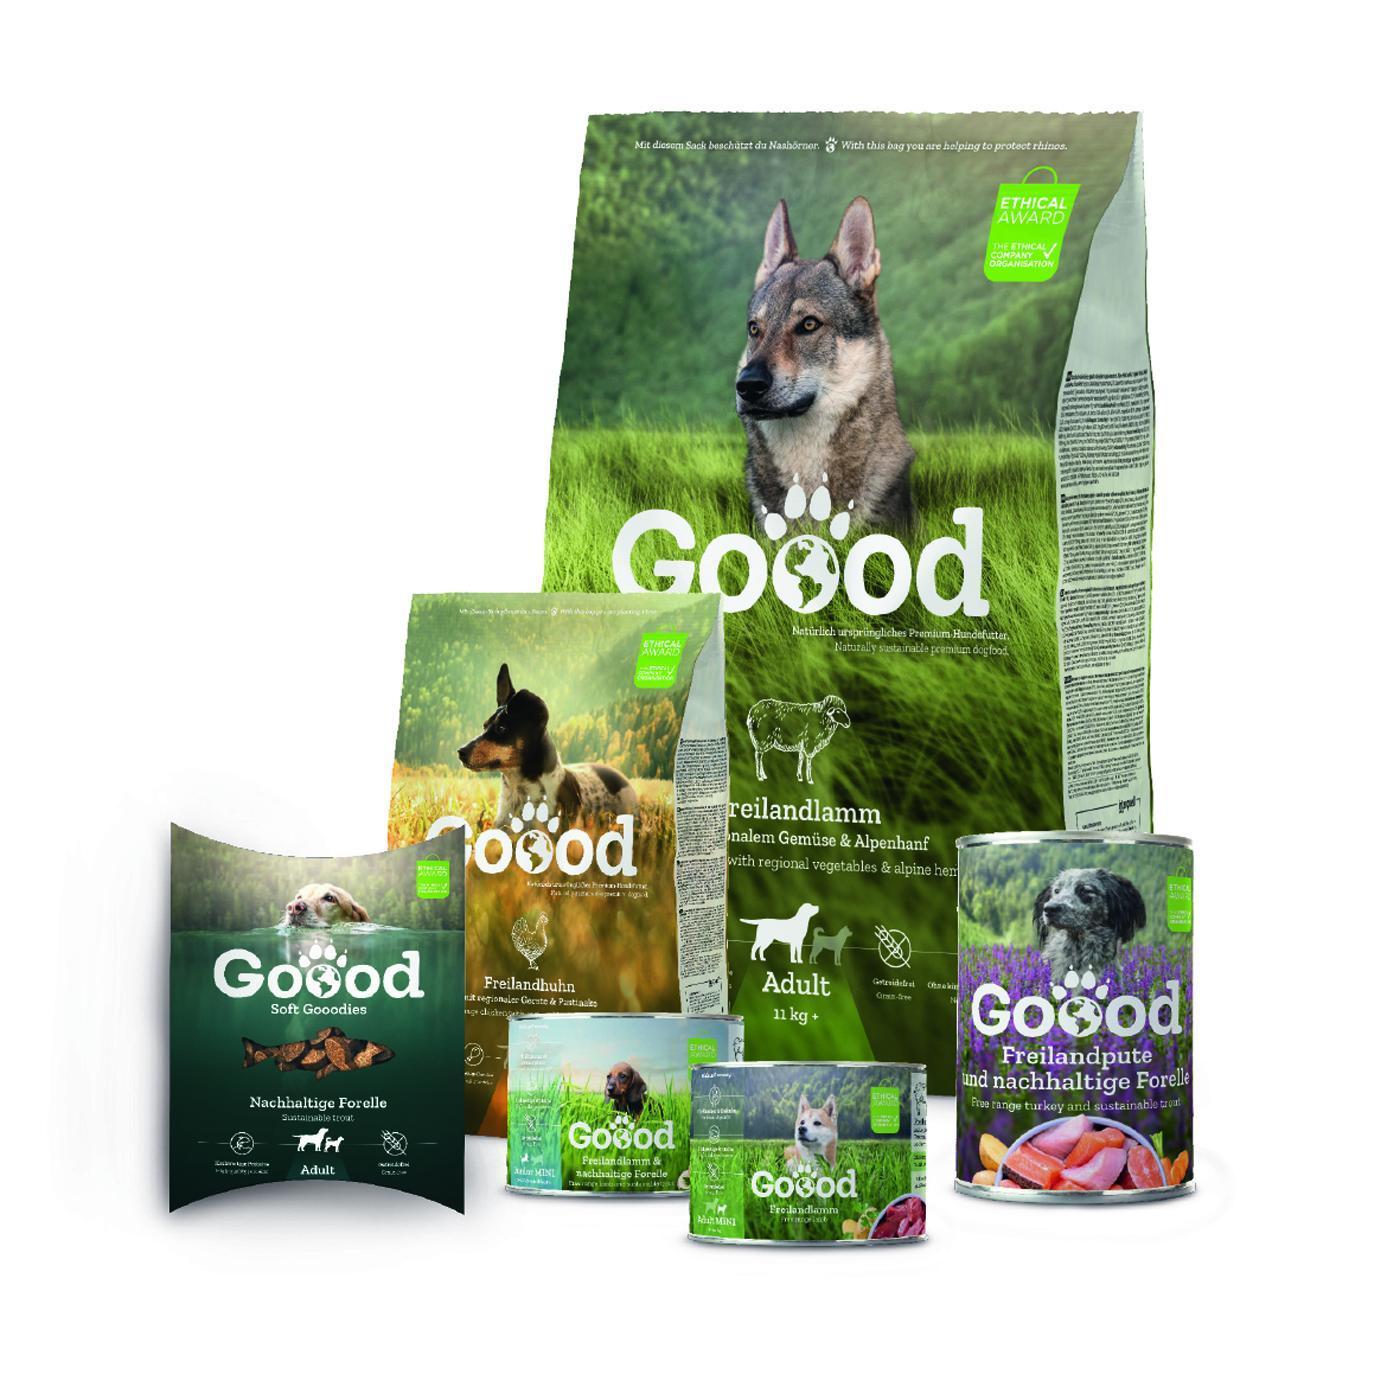 Goood Petfood